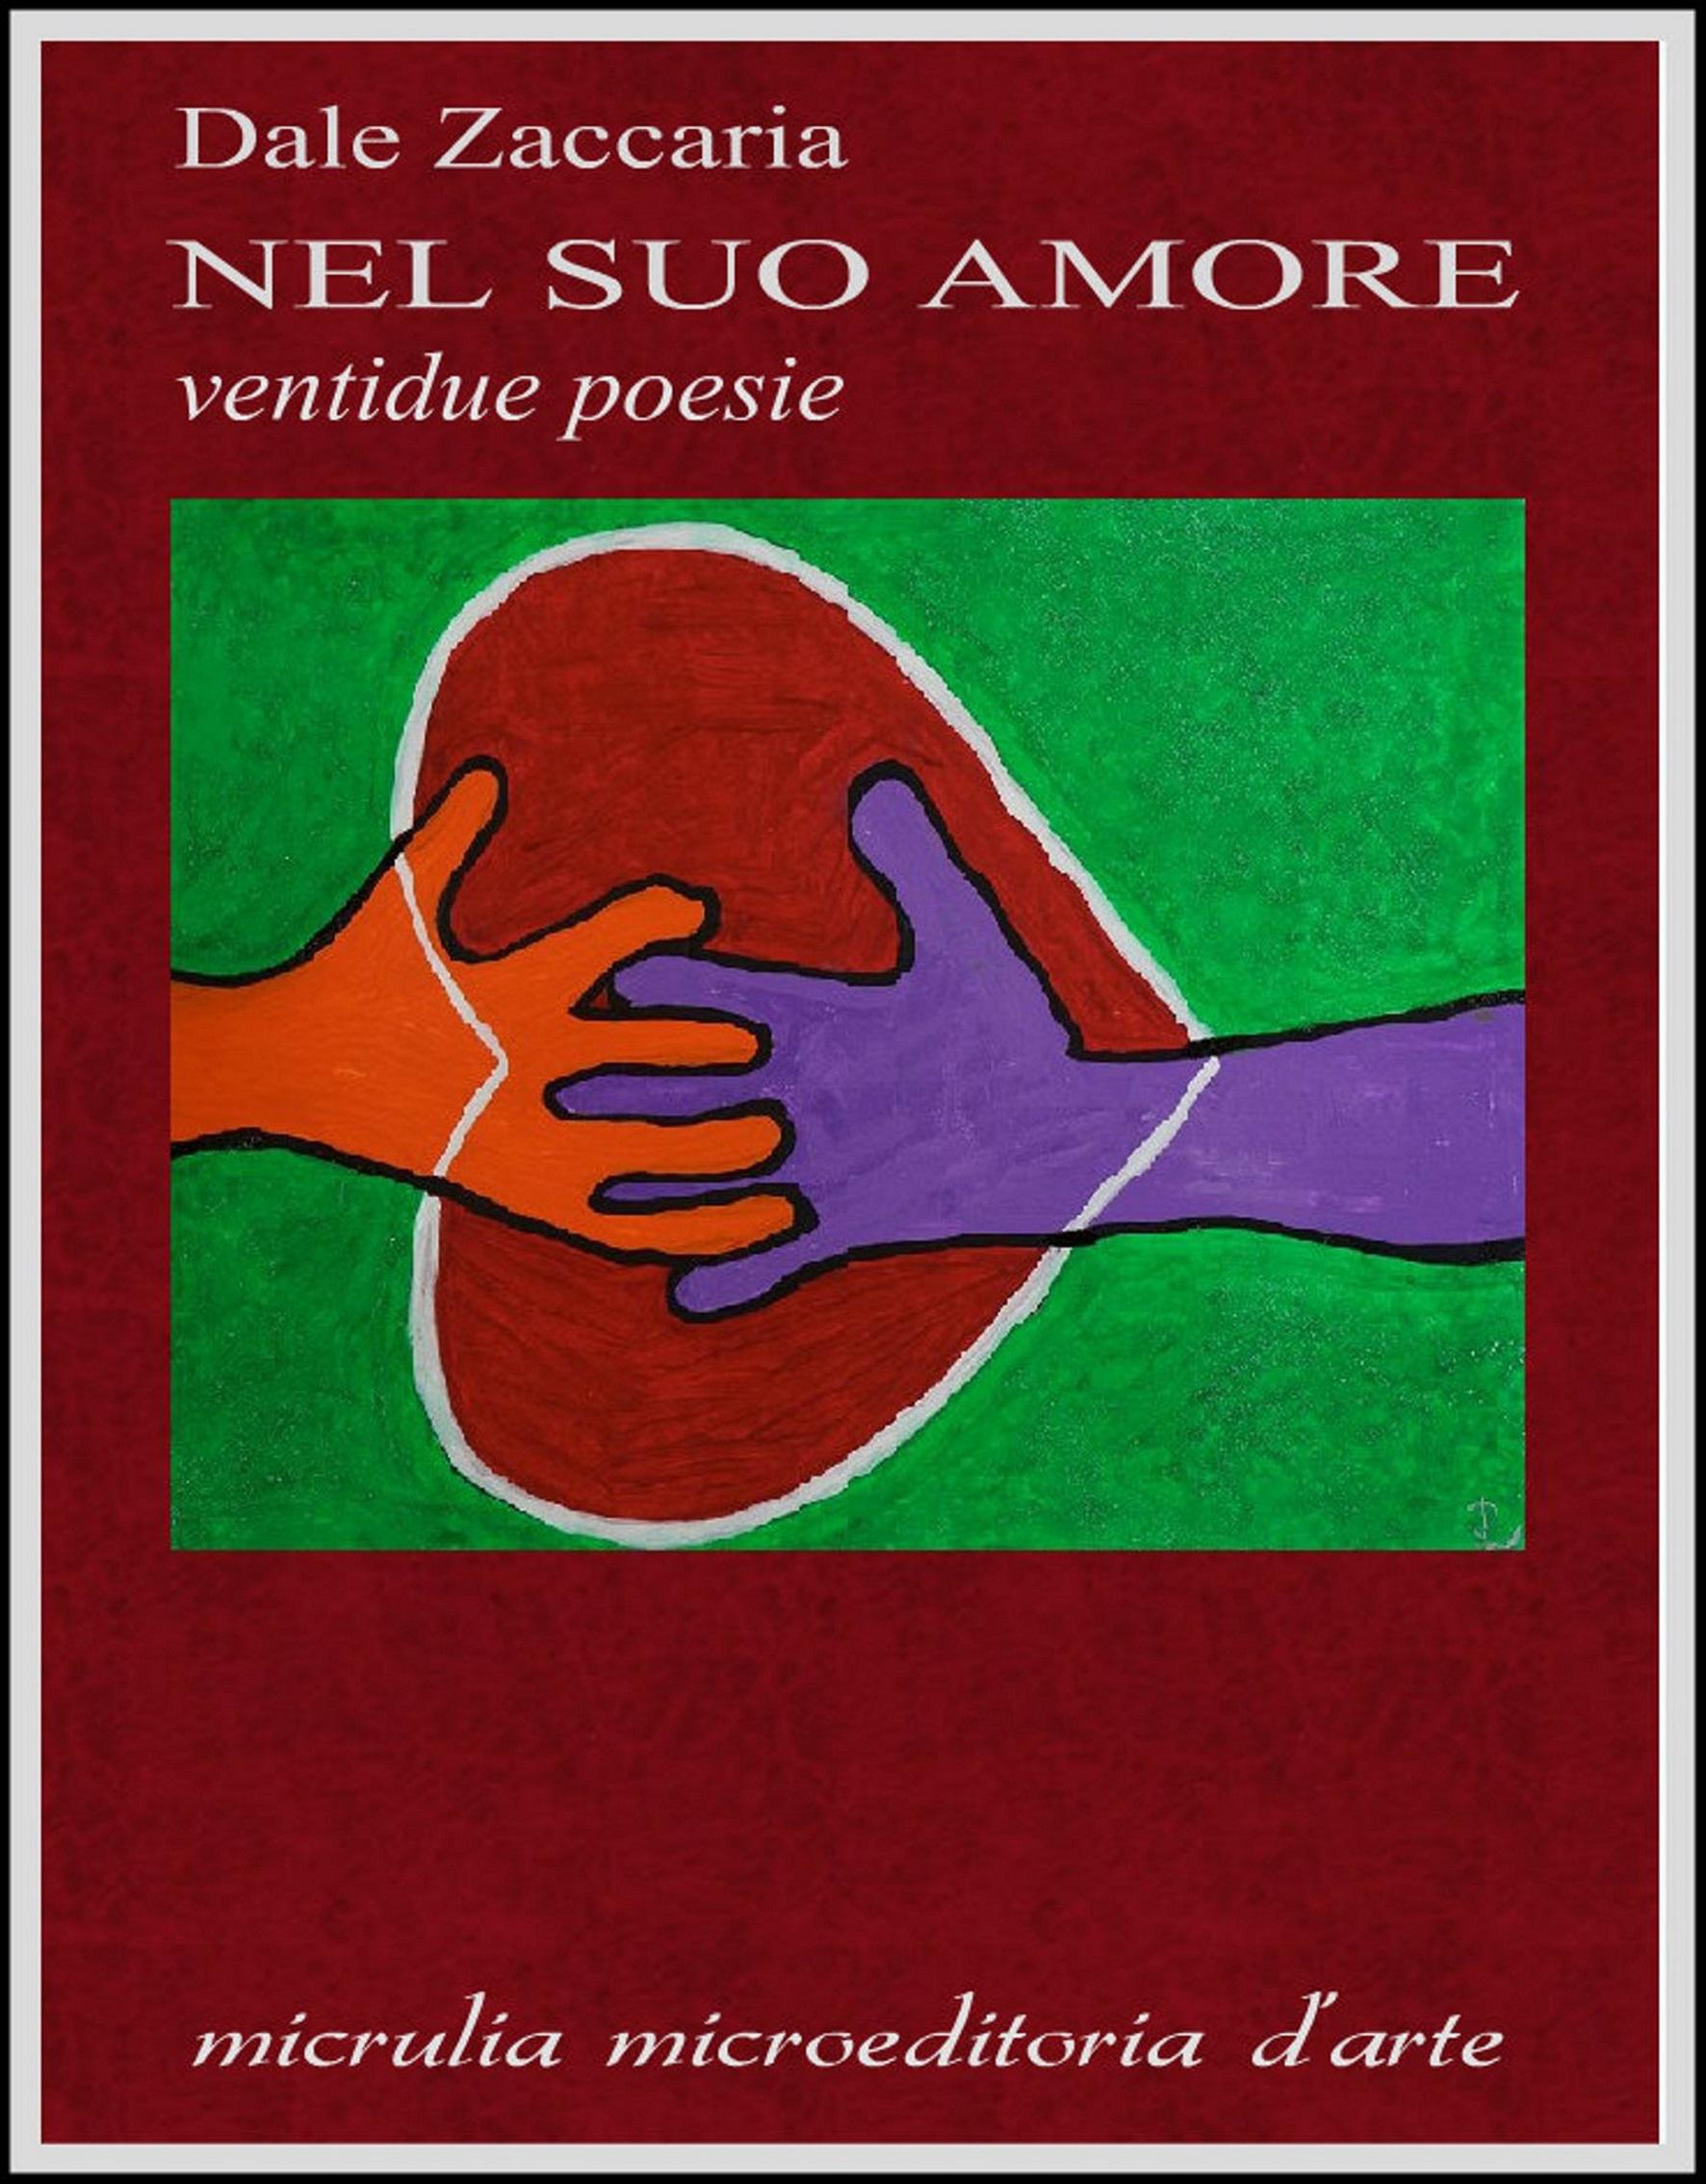 copertina Dale Zaccaria Nel suo amore_alta  risoluzione